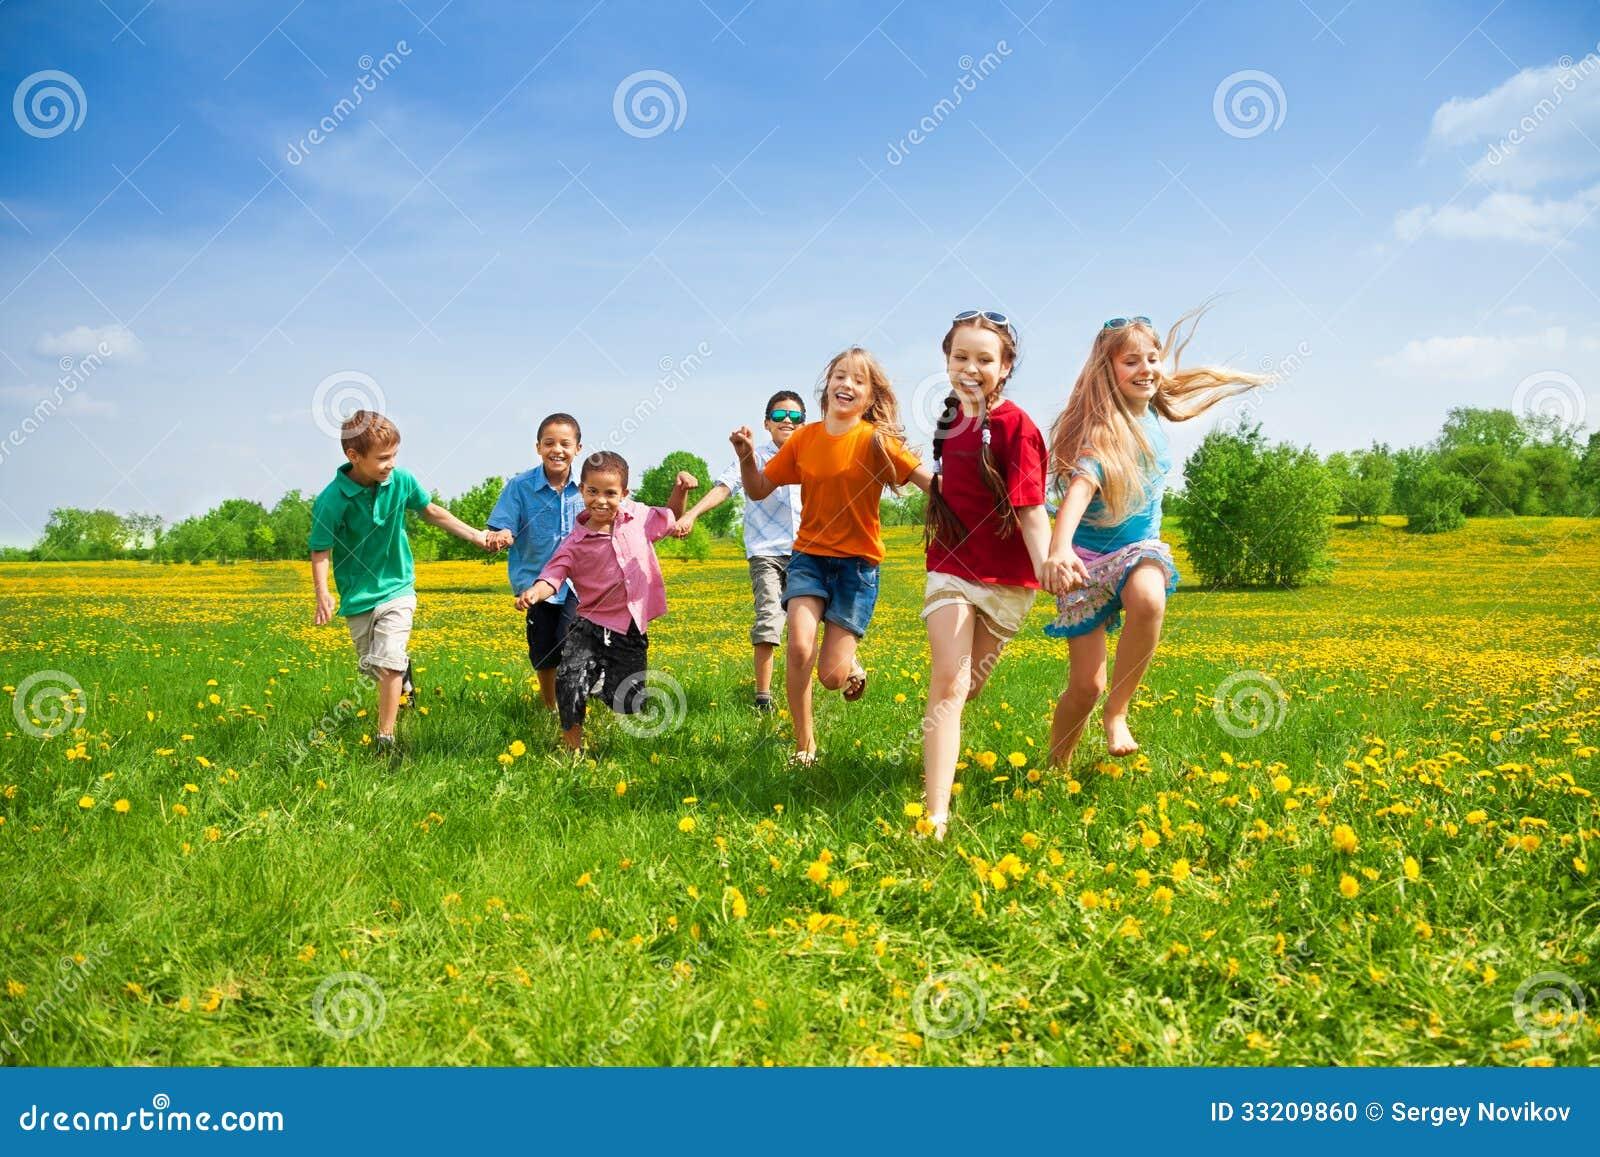 Dzieciaków ścigać się